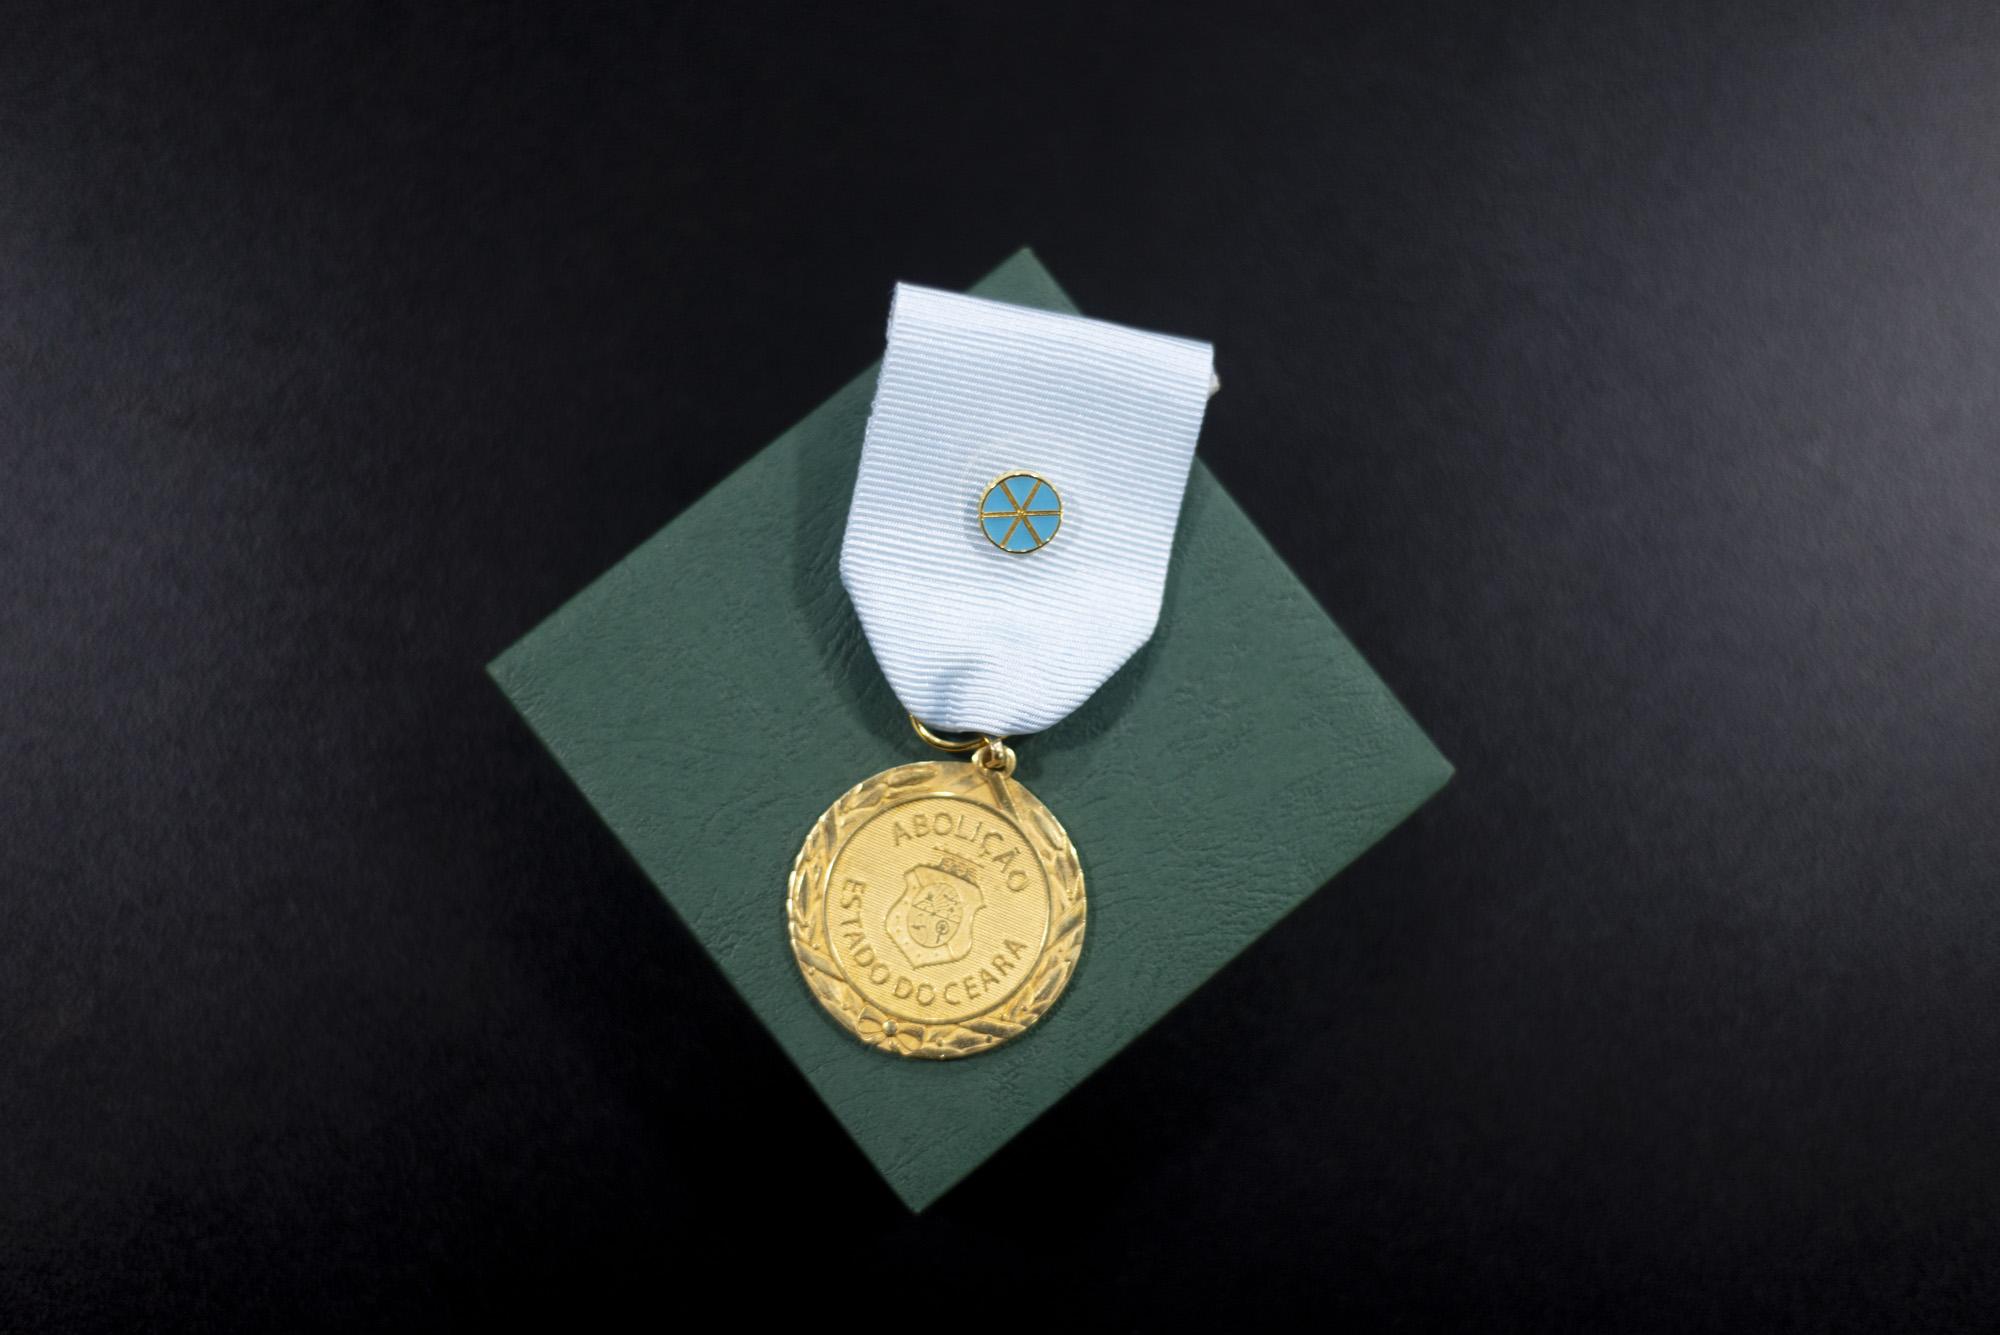 medalha da abolição